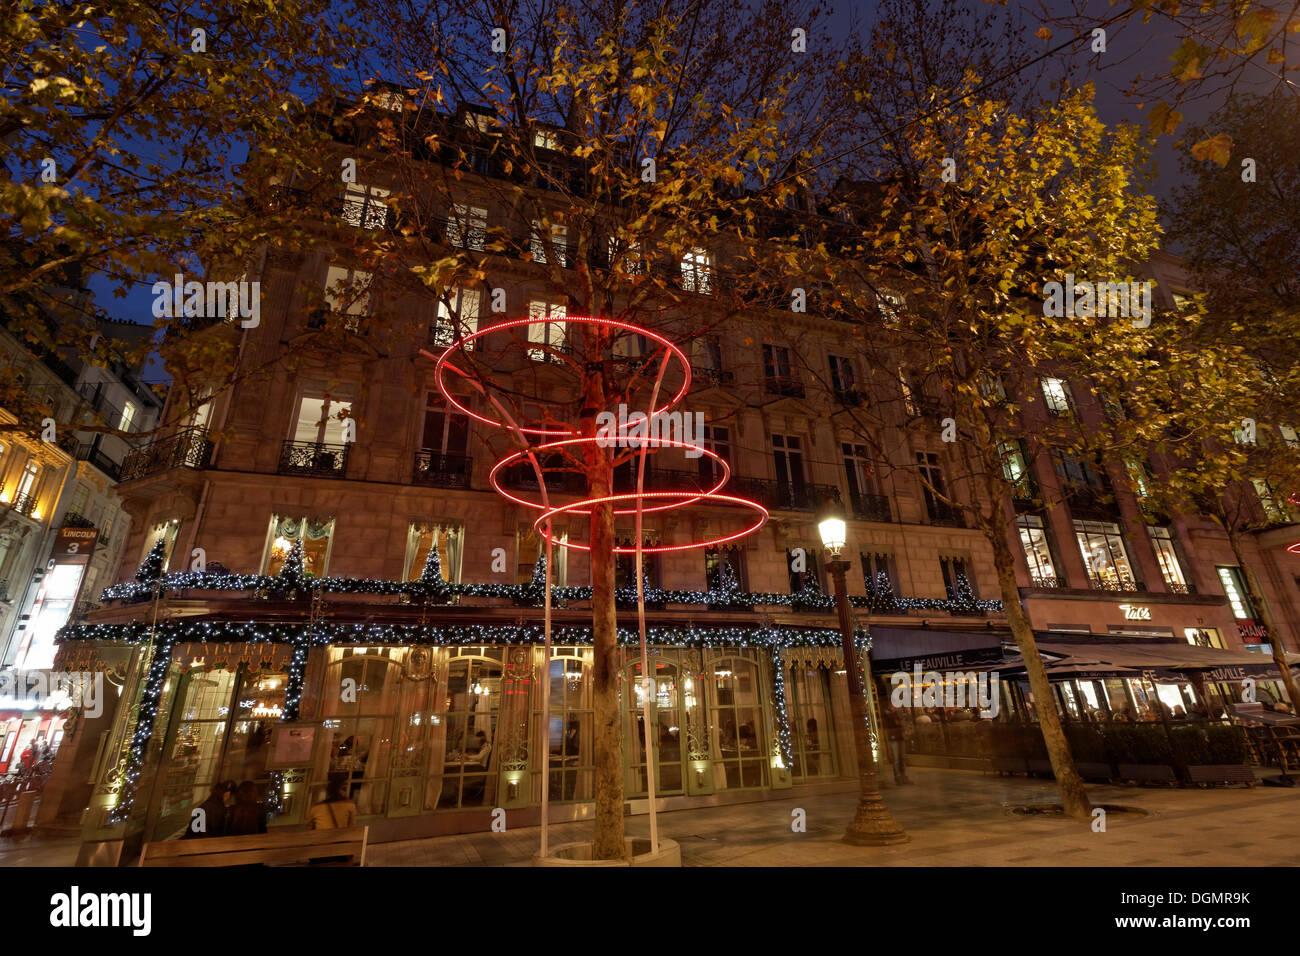 Christmas lighting in front of the Ladurée luxury patisserie, Avenue des Champs Elysées street, 8th Arrondissement, Paris - Stock Image